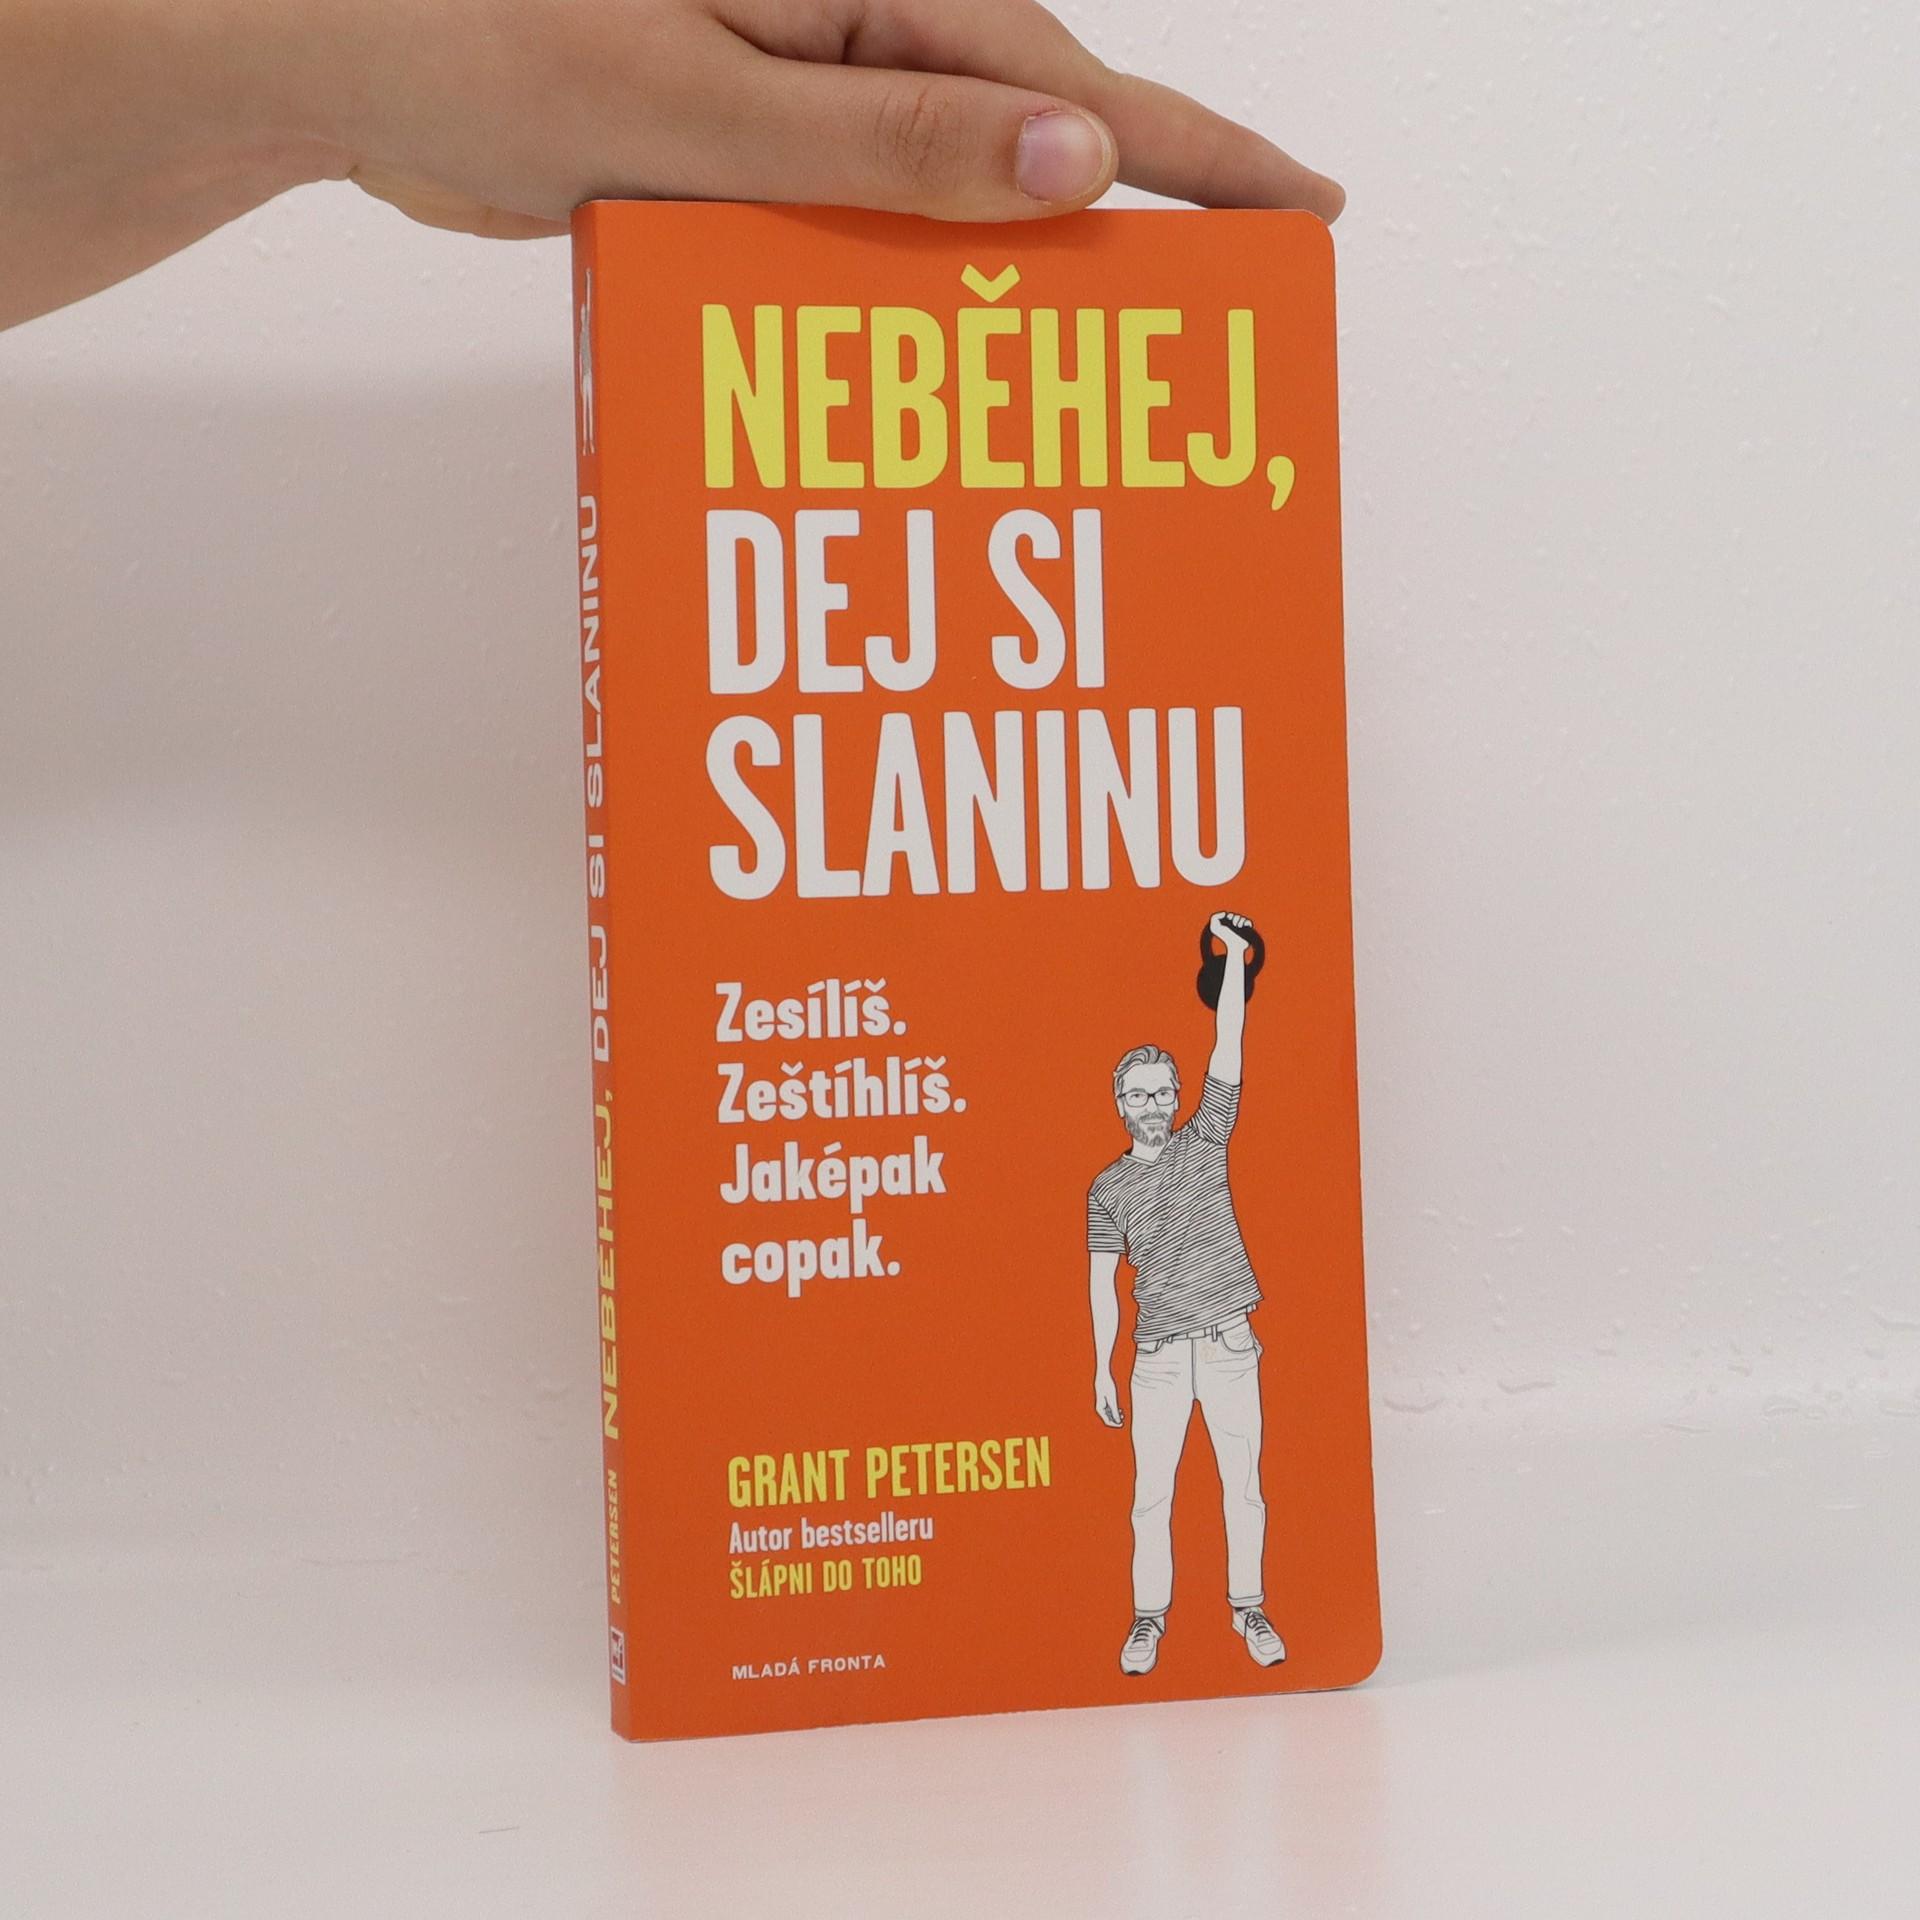 antikvární kniha Neběhej, dej si slaninu, 2018